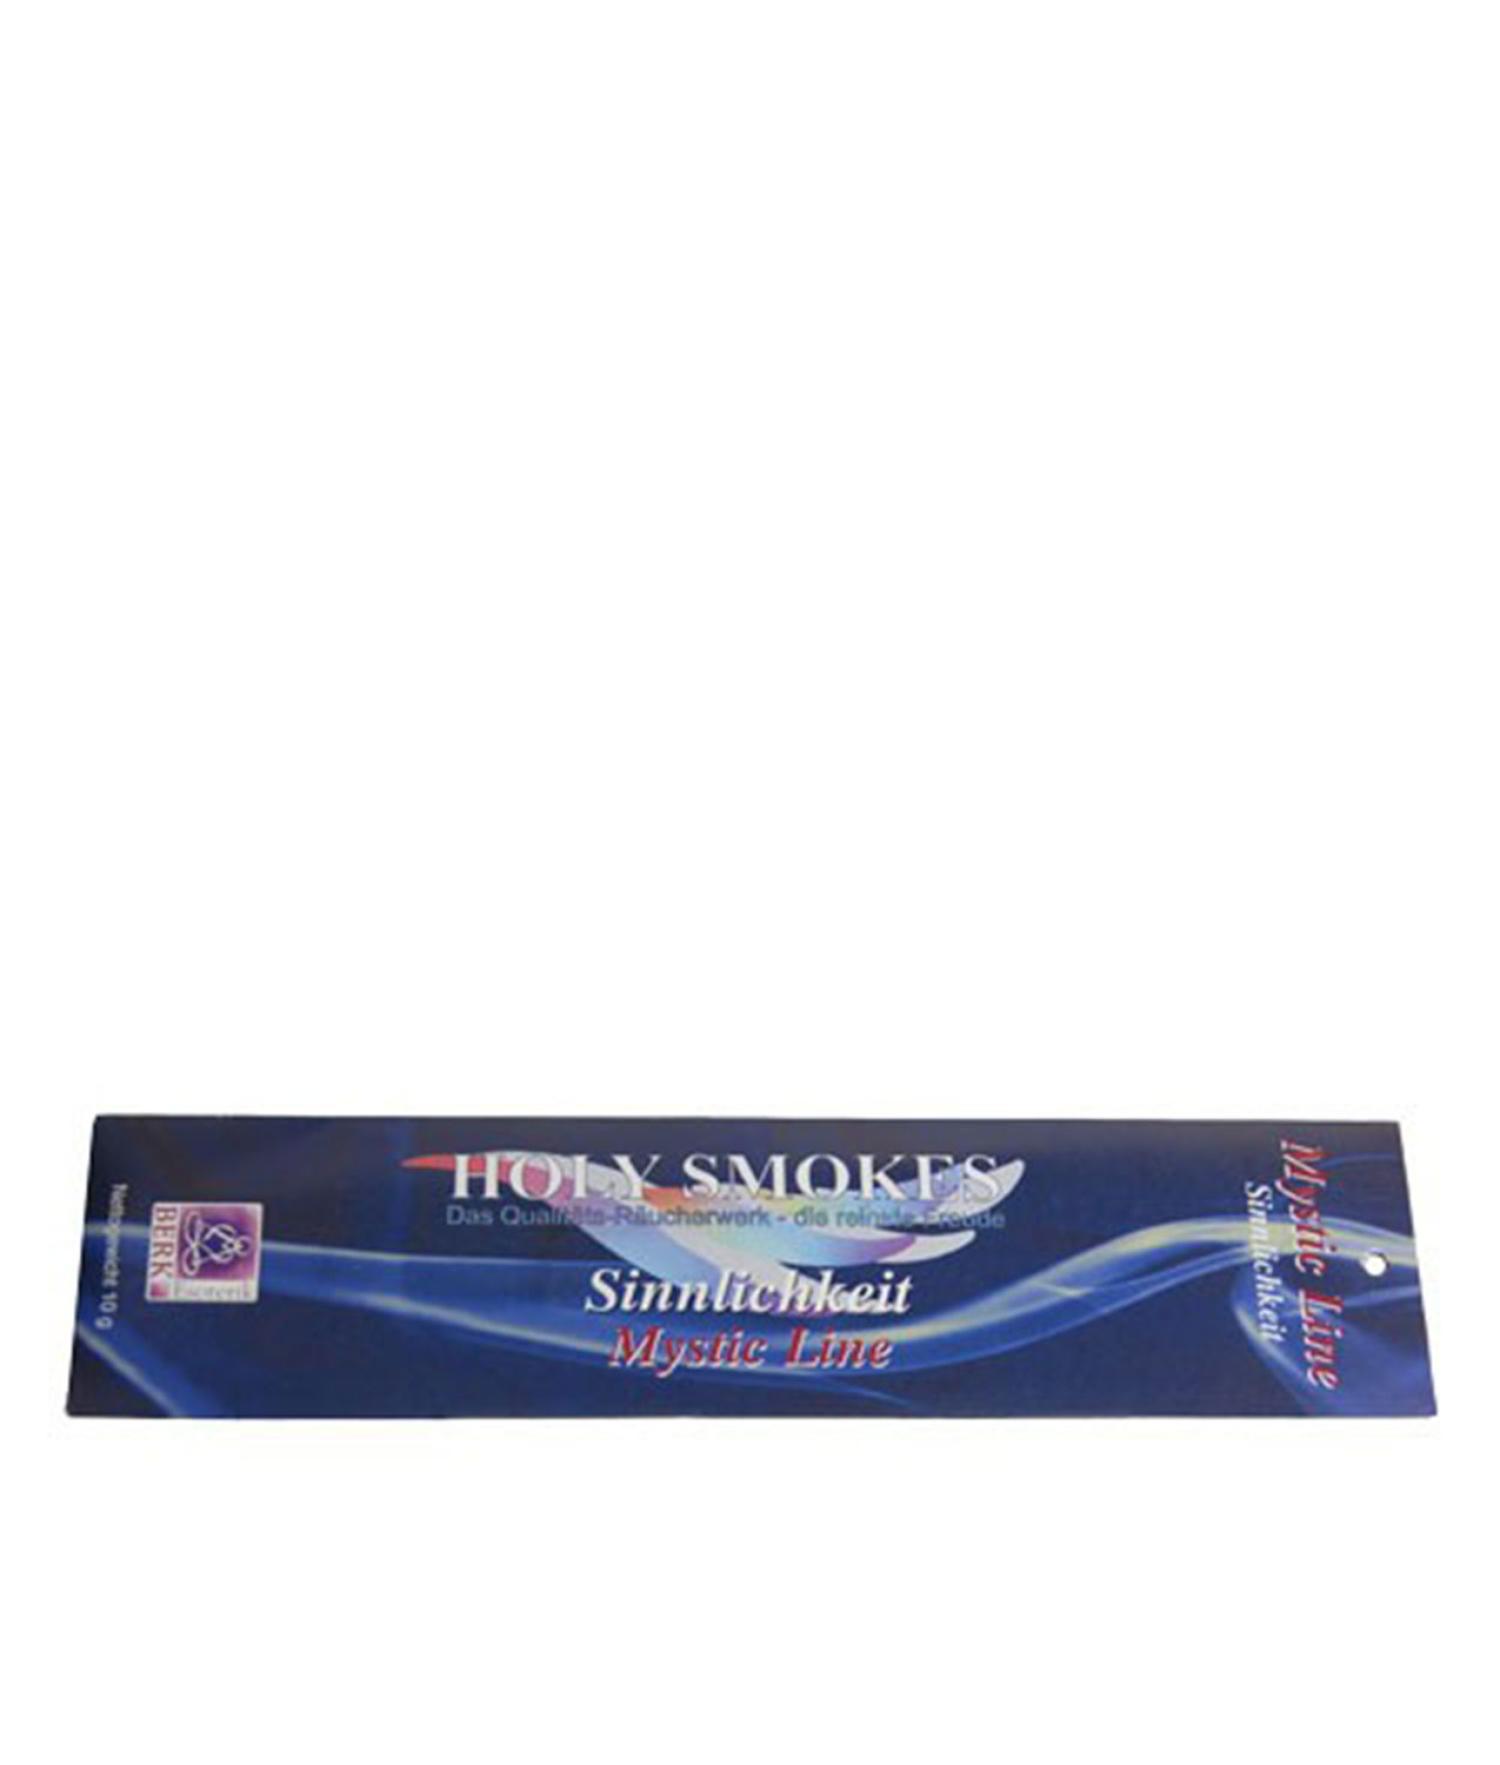 """Holy Smokes Mystic Line Räucherstäbchen """"Sinnlichkeit"""", Produktbild 1"""